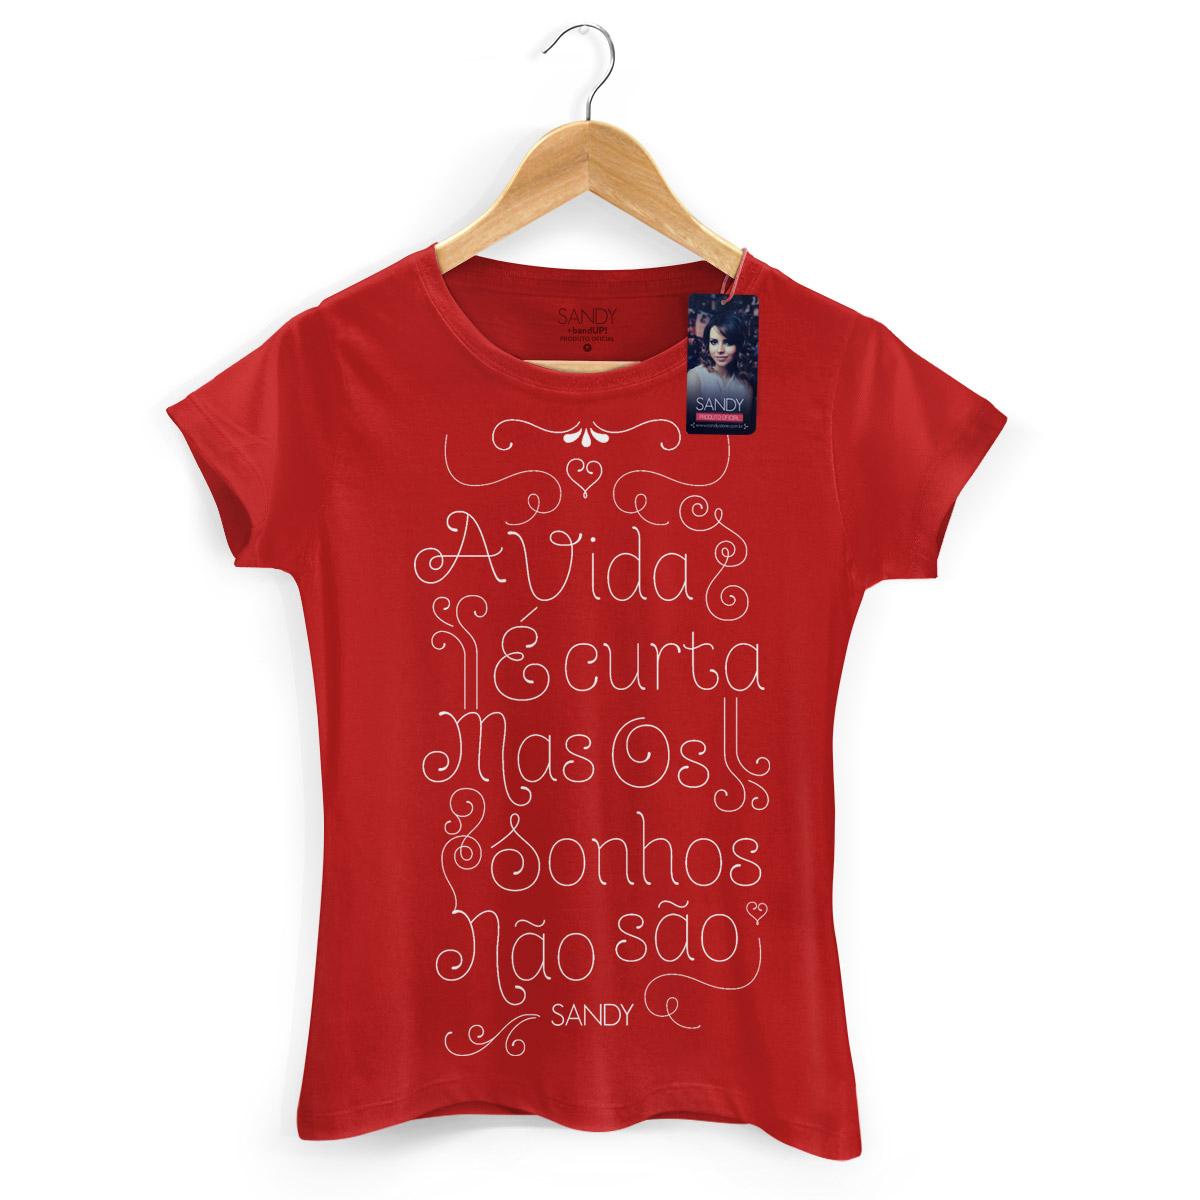 Camiseta Feminina Sandy A Vida e Curta Mas Os Sonhos Nao Sao Modelo 3